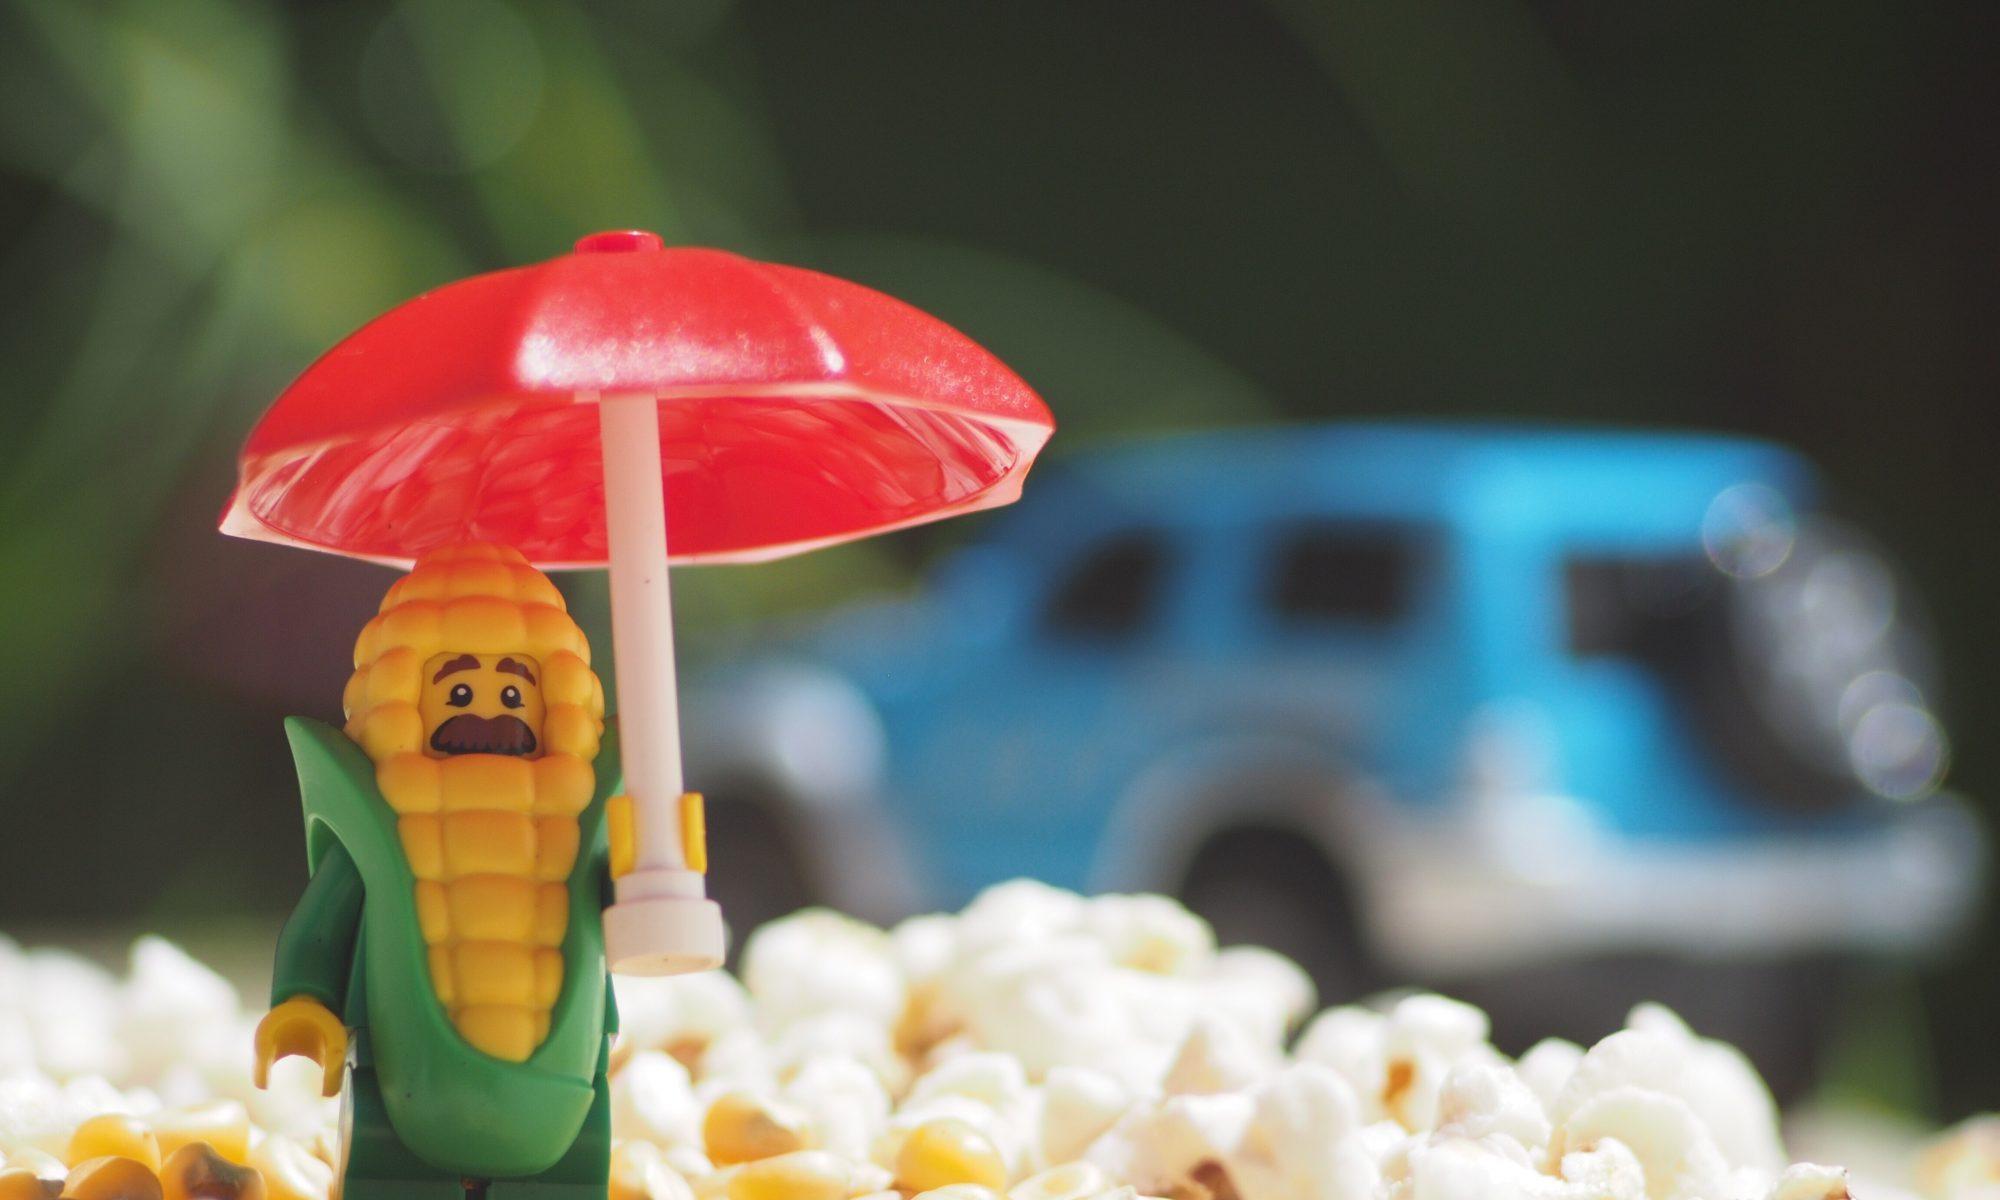 Popcorn Heatwave